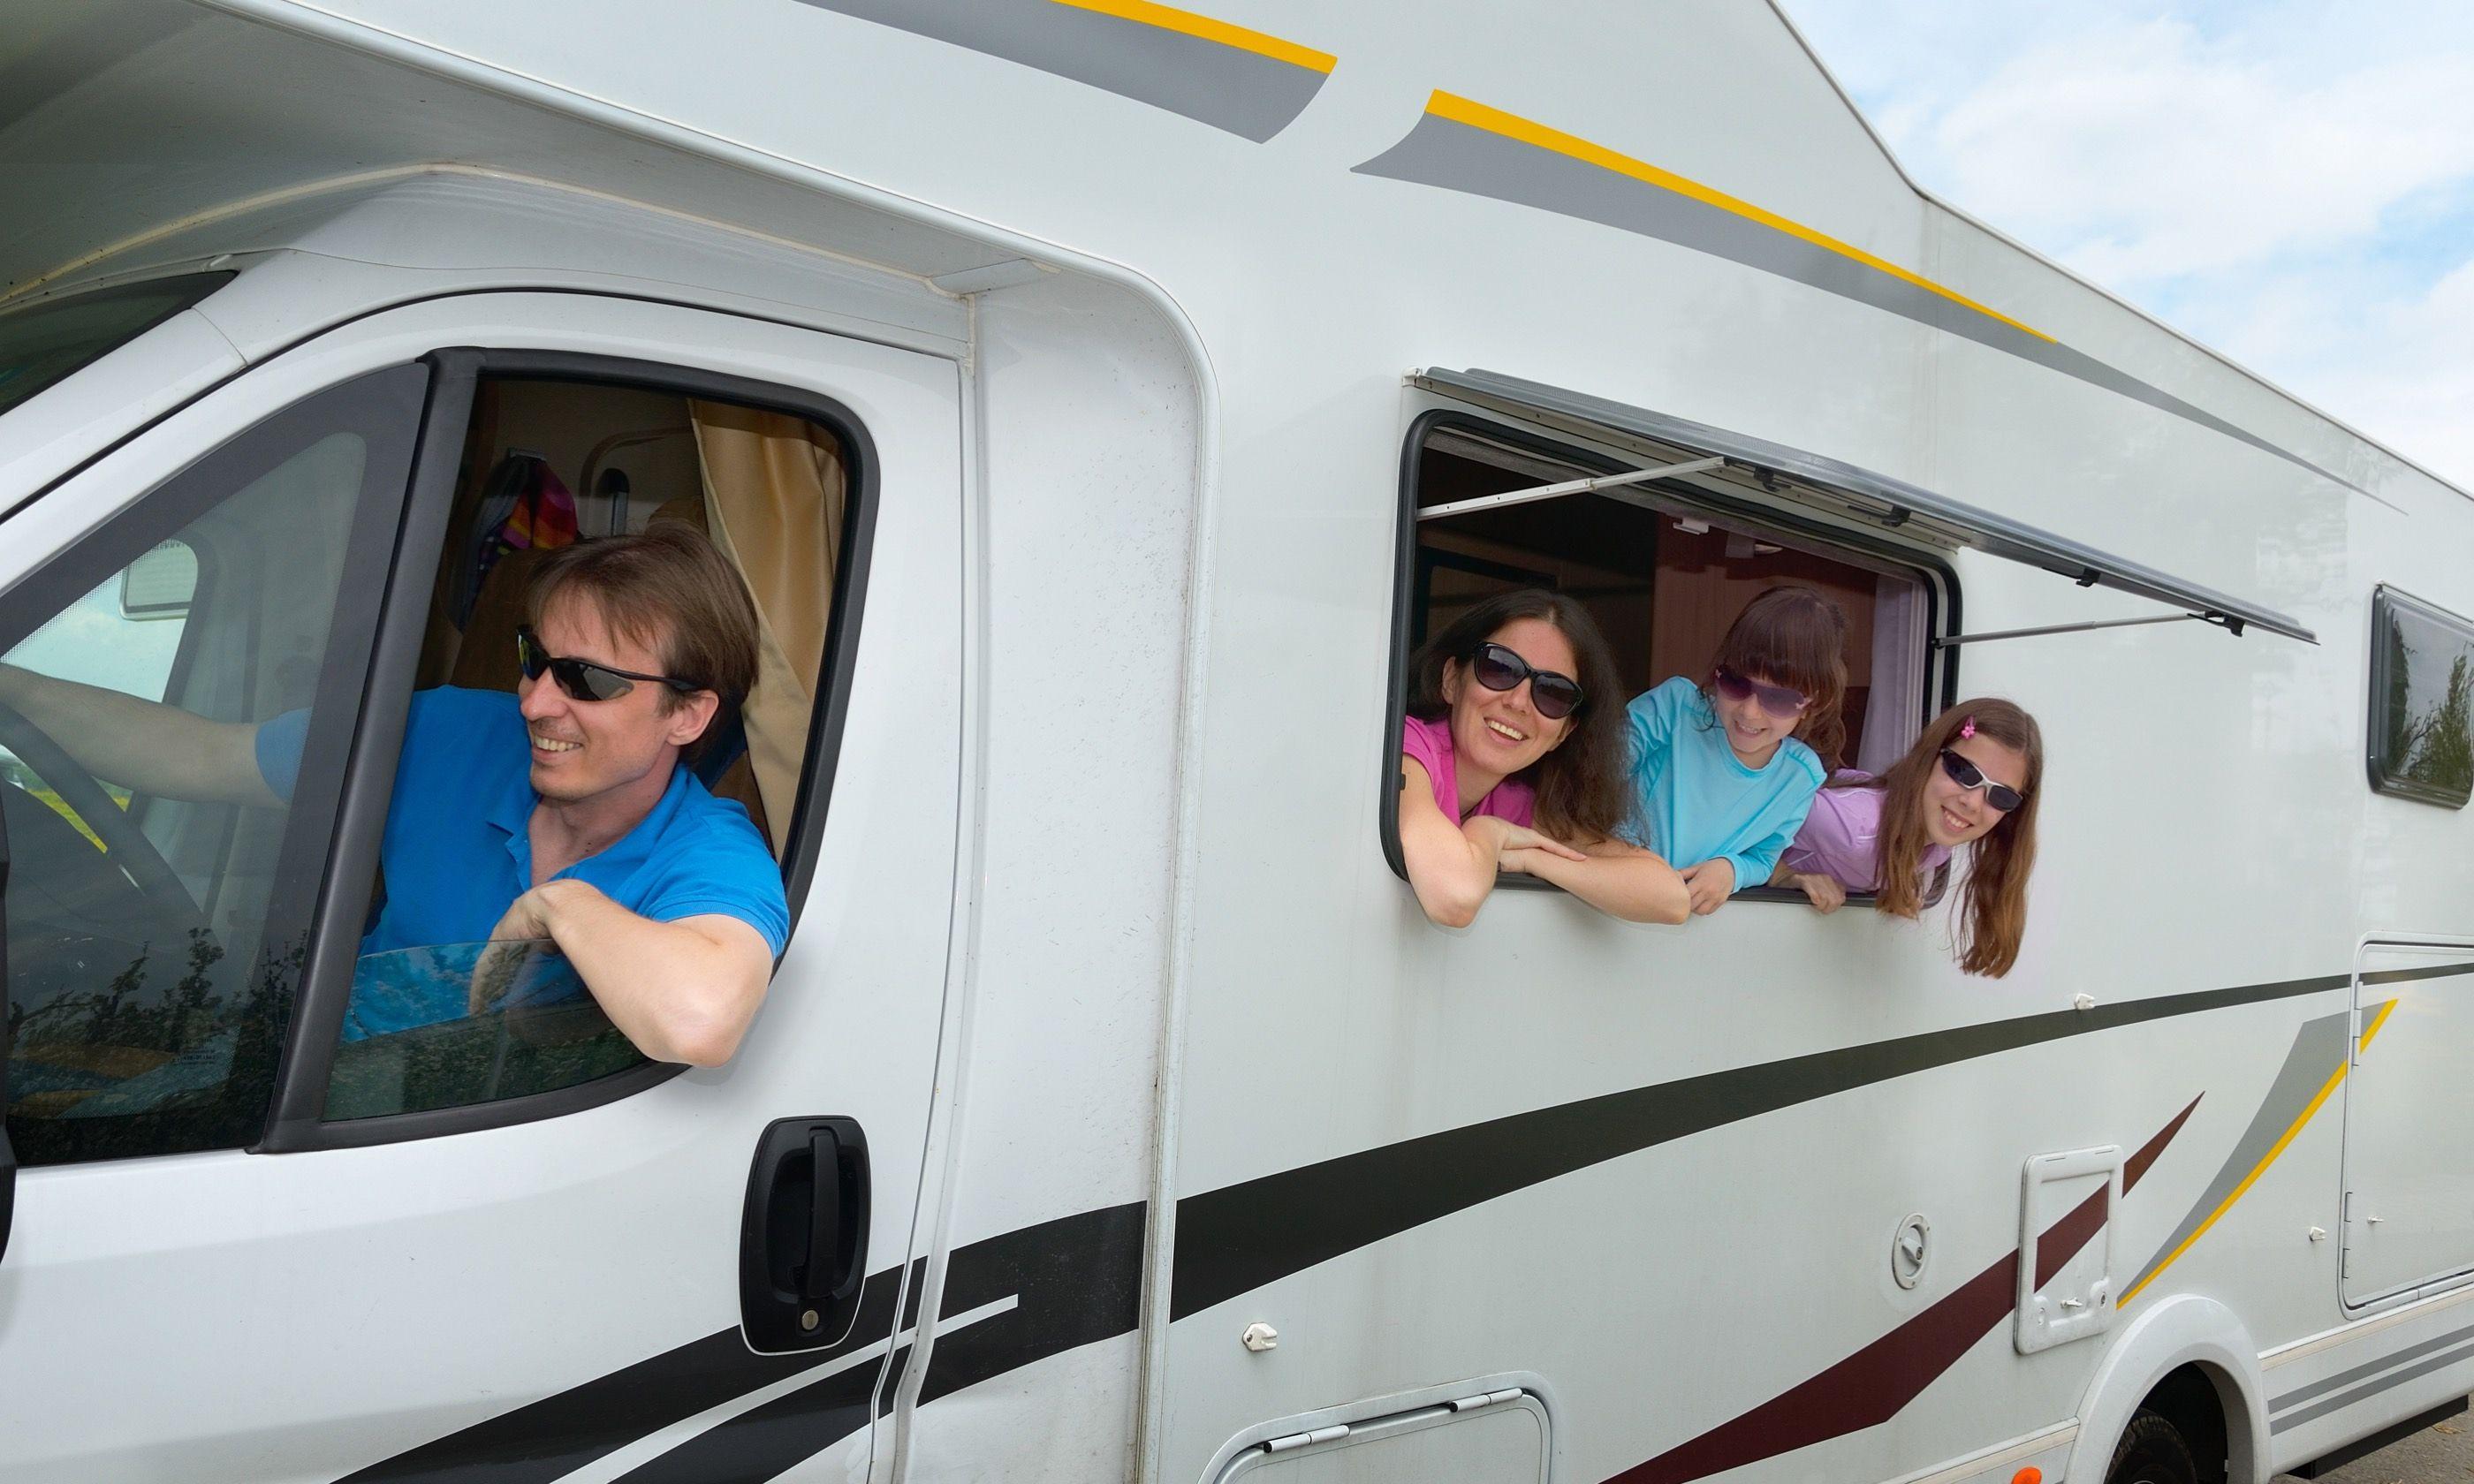 Kids hanging out of campervan (Shutterstock.com)